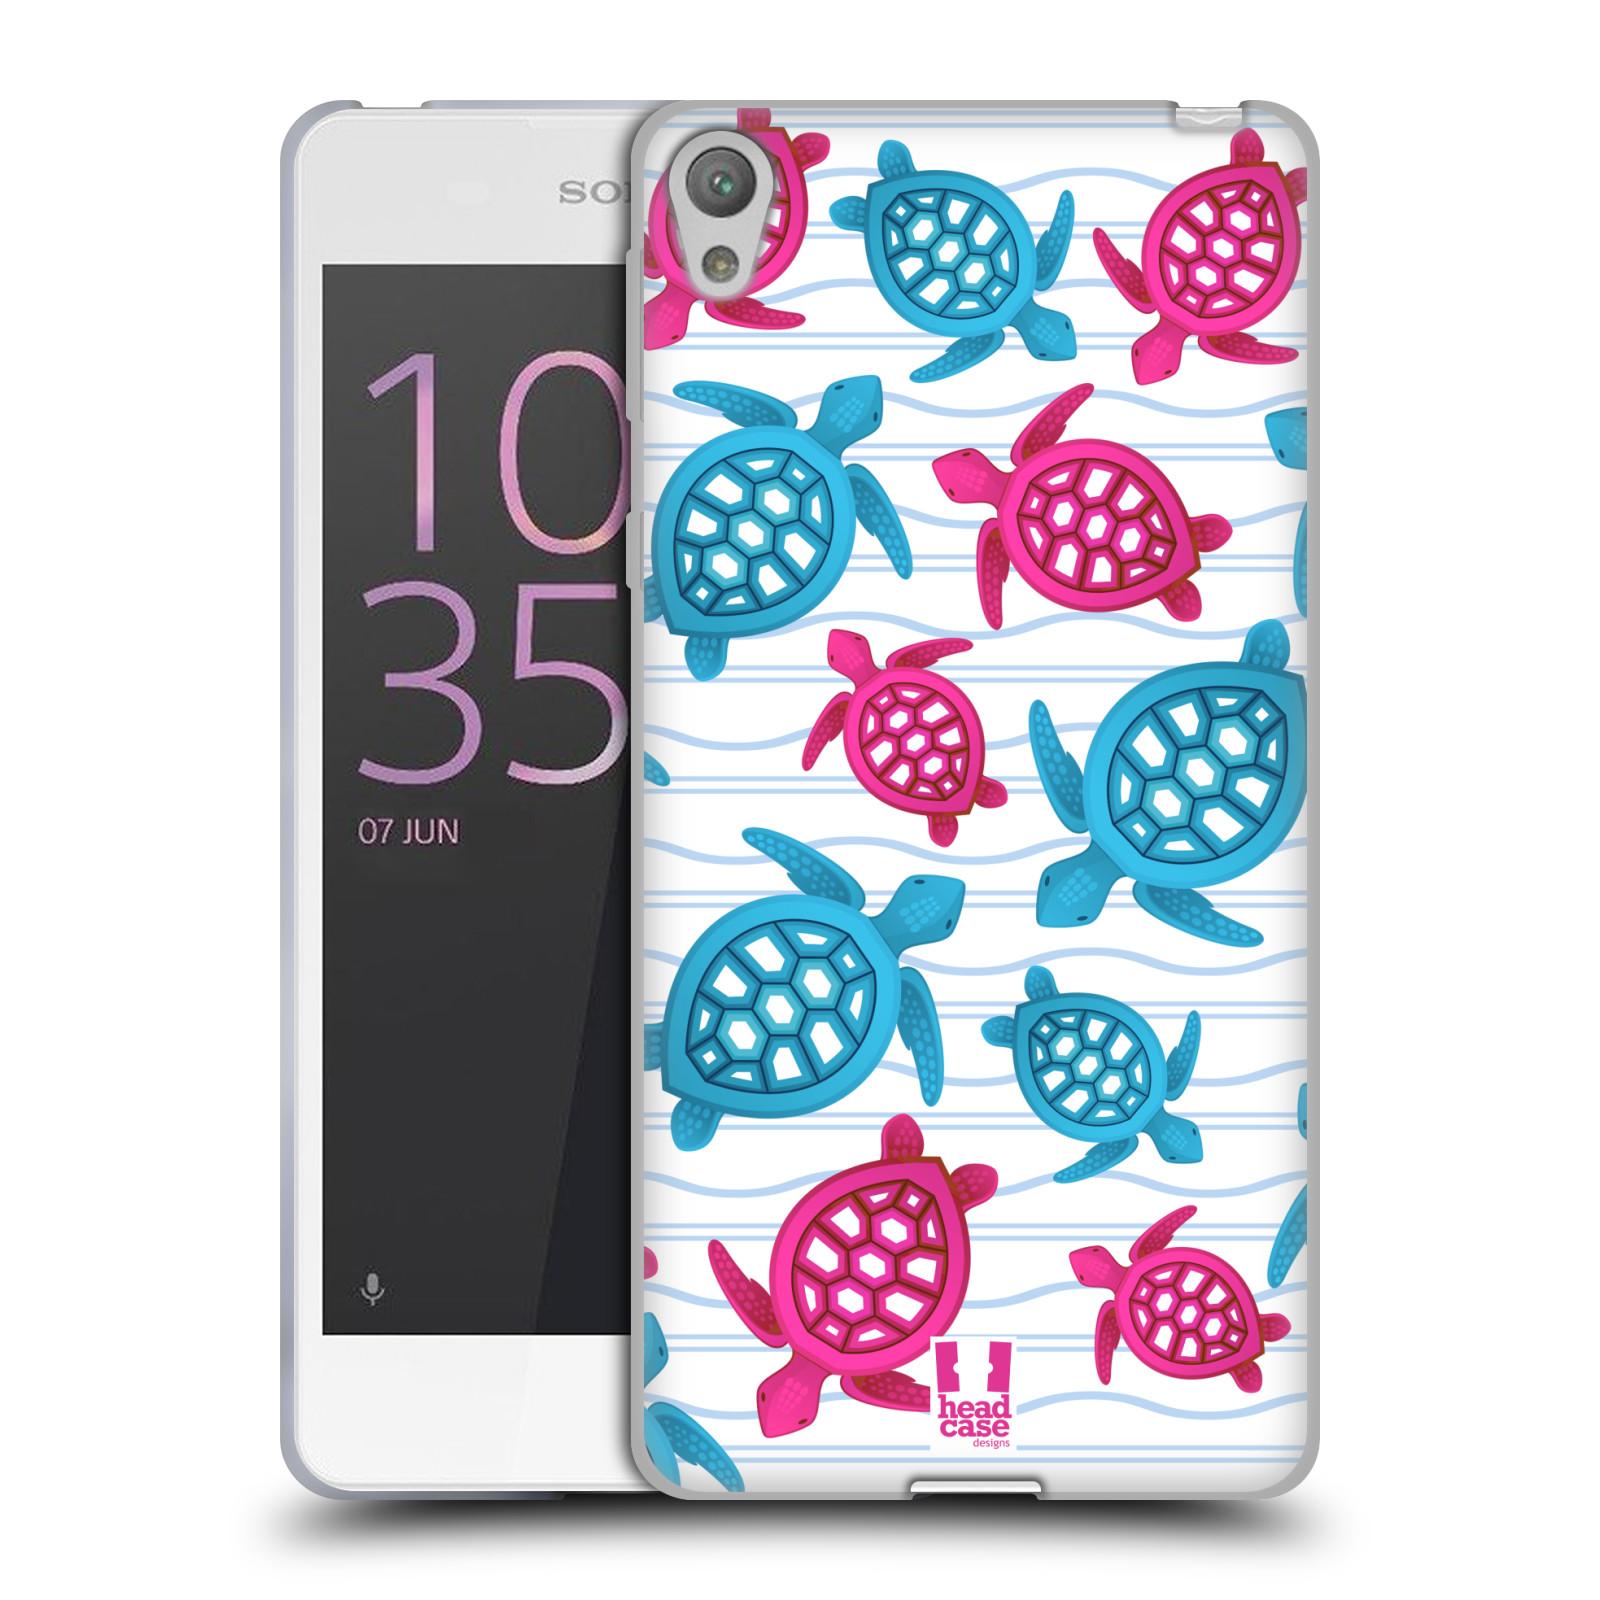 HEAD CASE silikonový obal na mobil SONY XPERIA E5 vzor mořský živočich želva modrá a růžová